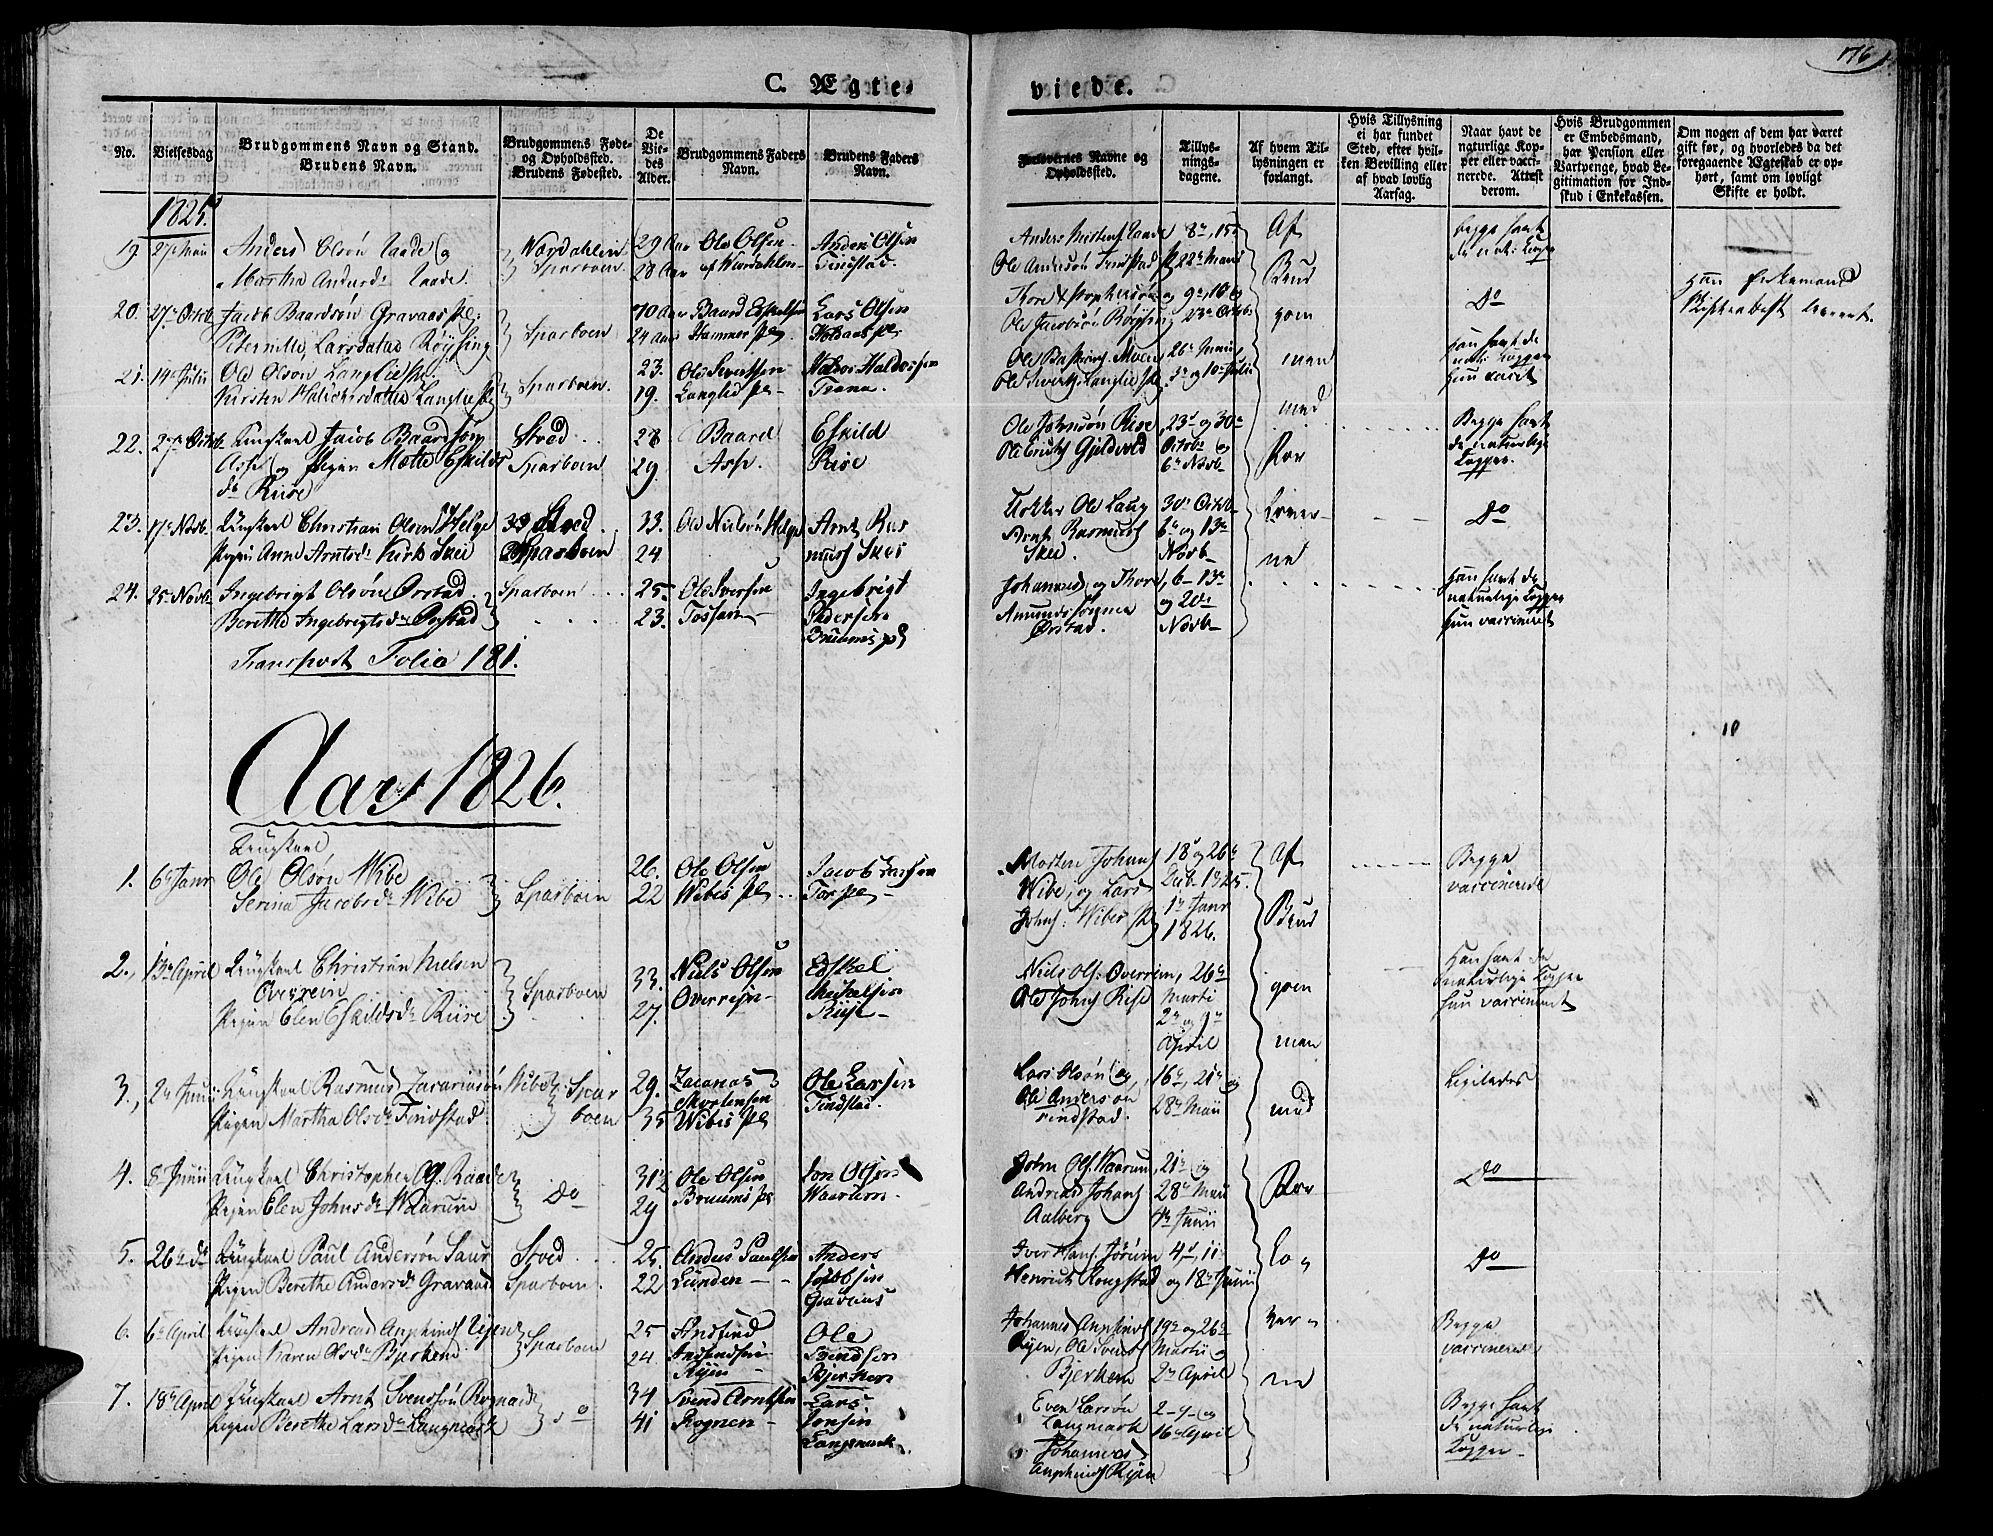 SAT, Ministerialprotokoller, klokkerbøker og fødselsregistre - Nord-Trøndelag, 735/L0336: Ministerialbok nr. 735A05 /1, 1825-1835, s. 176